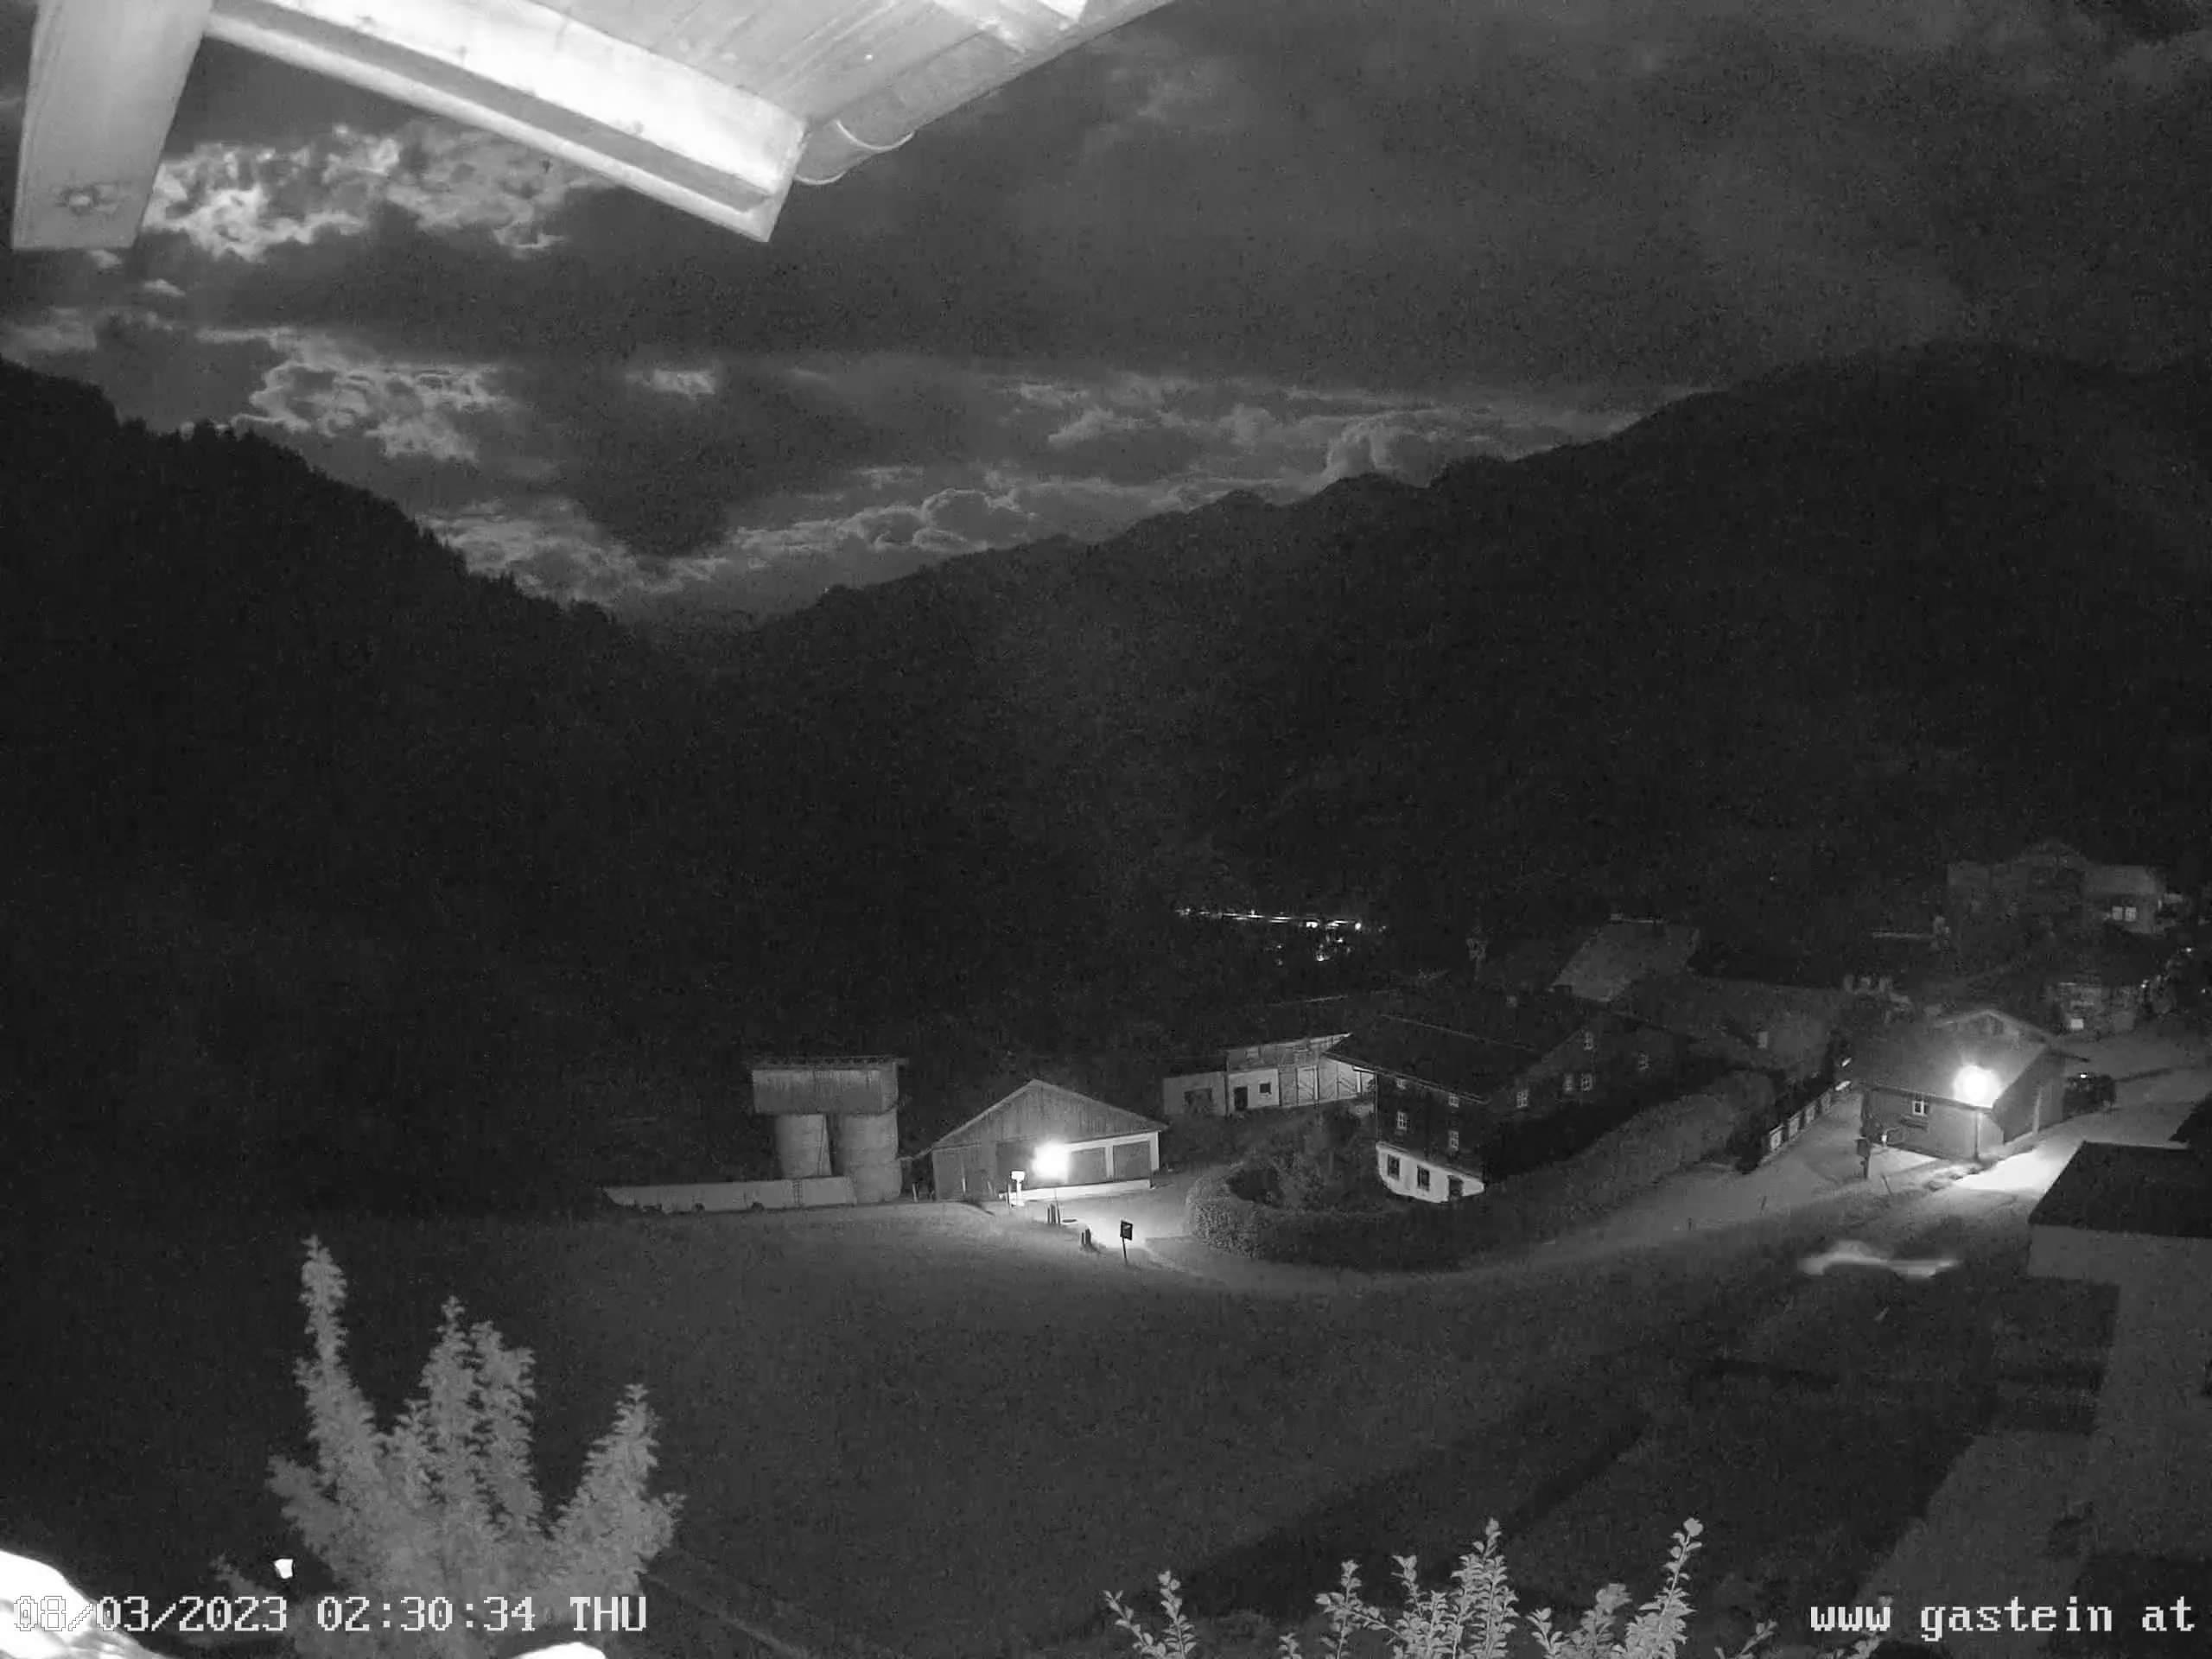 Webcam: Bergl, Dorfgastein, Austria